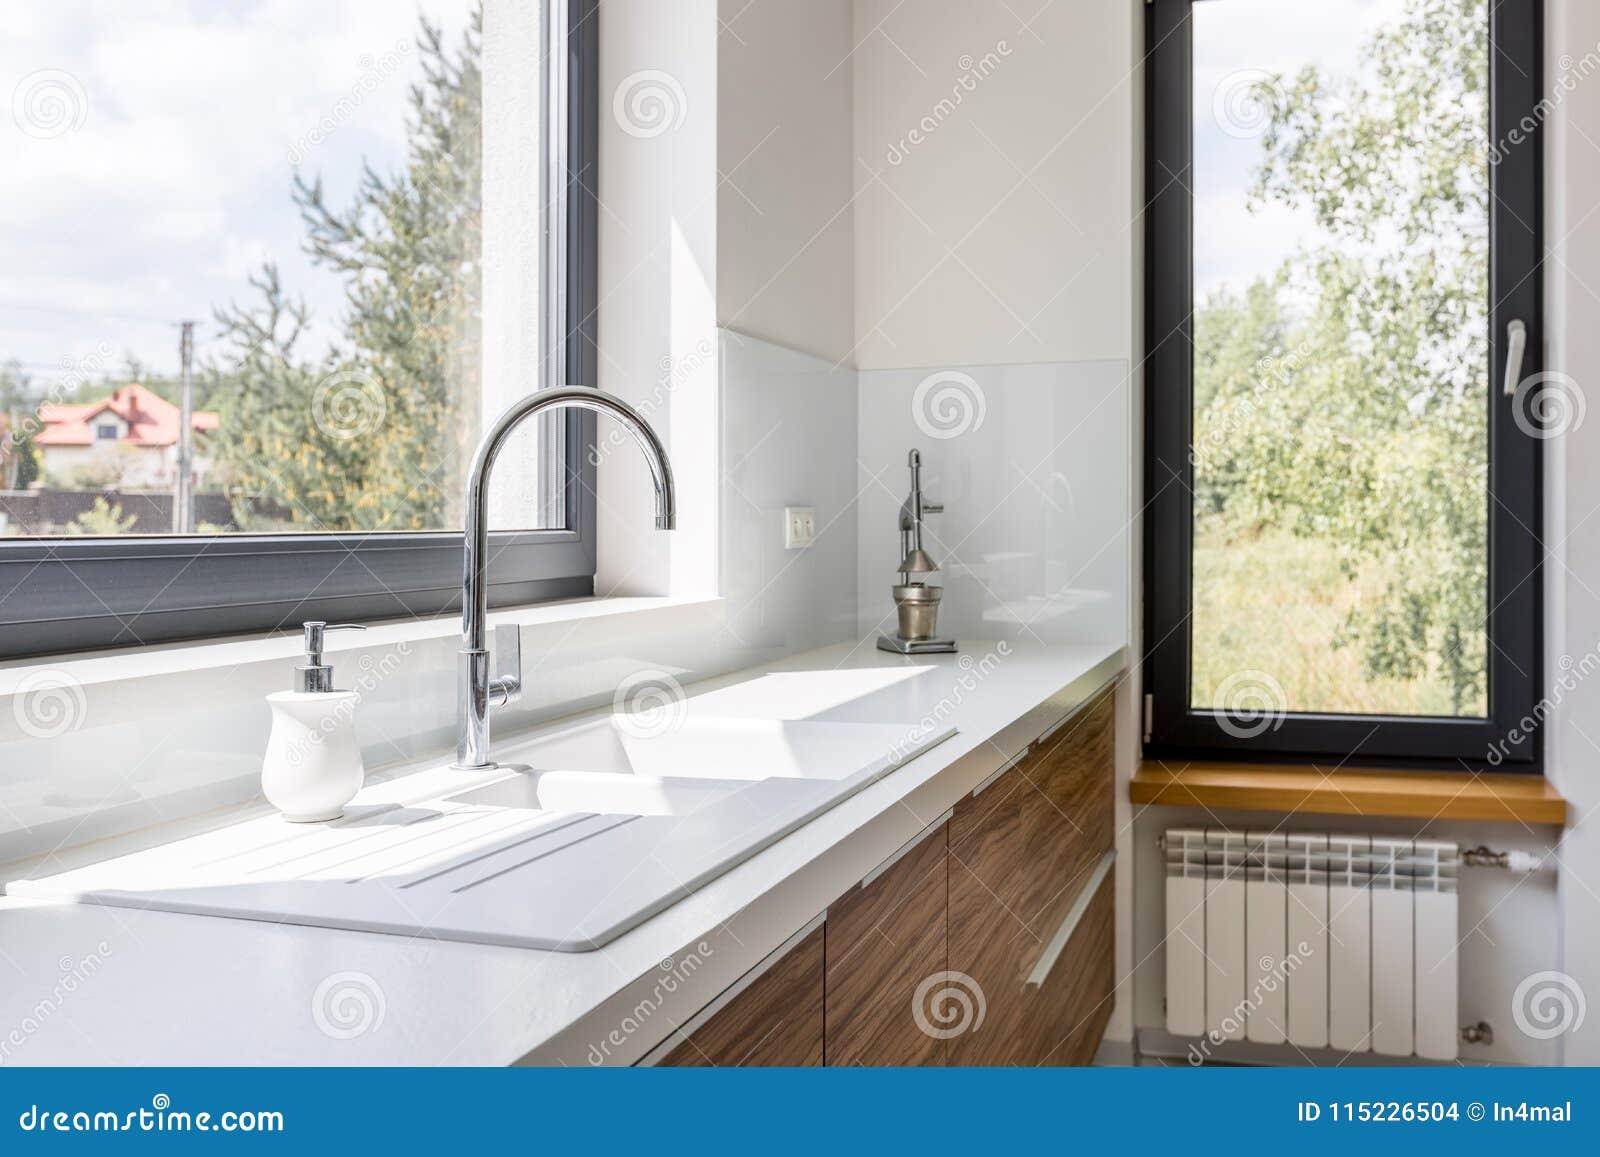 Kitchen worktop with sink